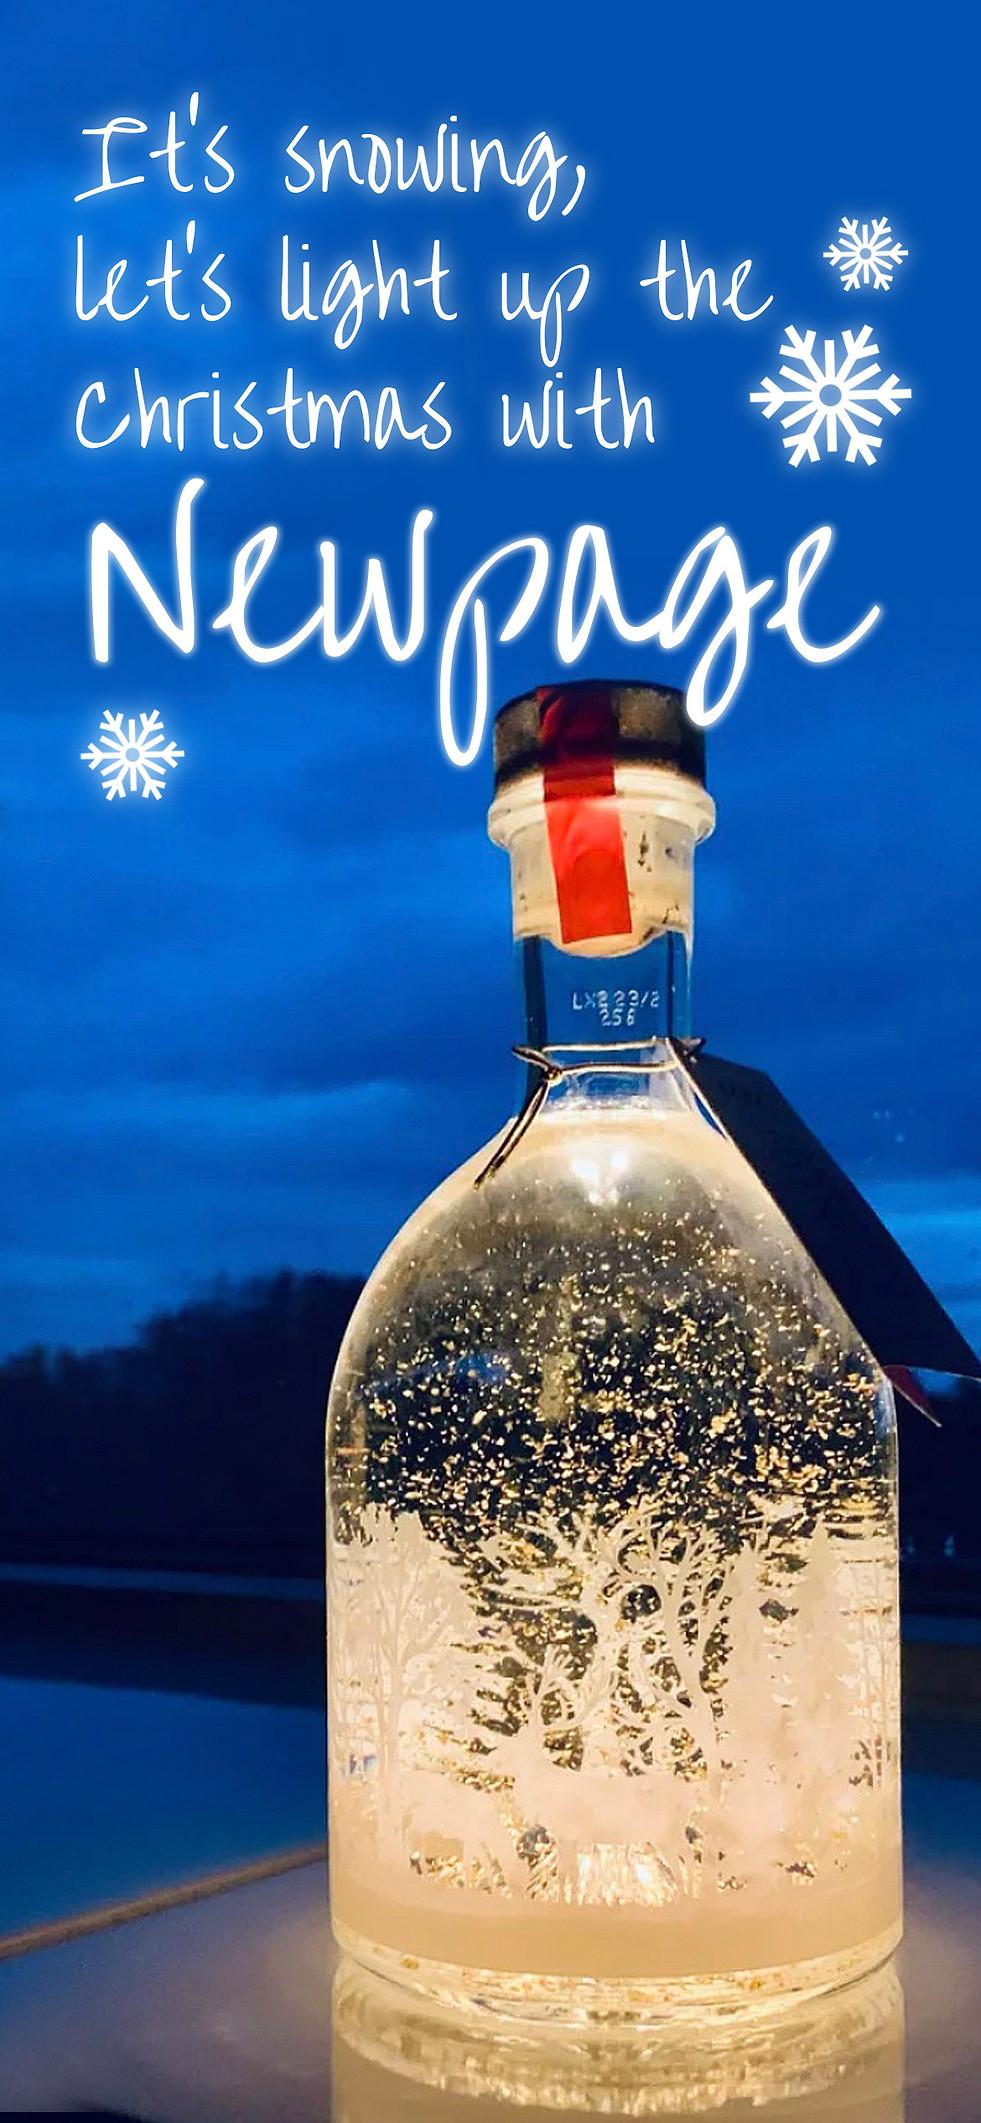 Christmas Image 2020.jpg